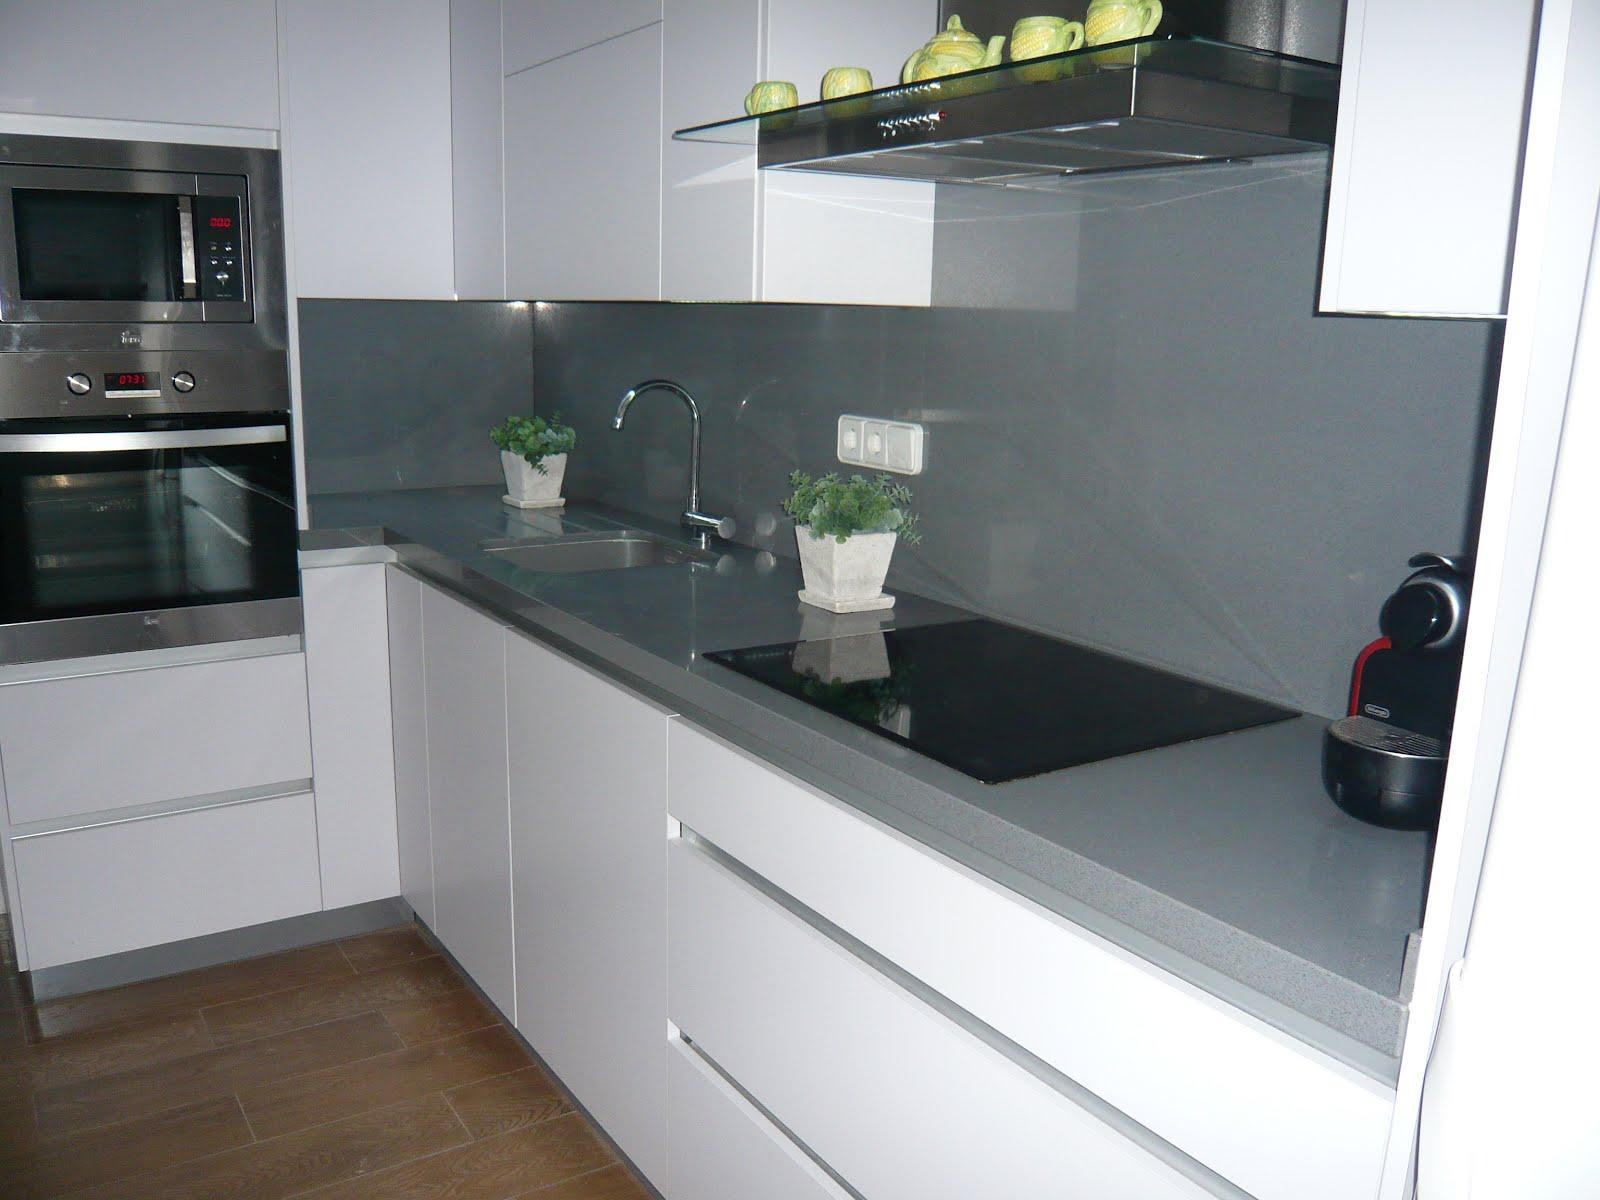 Reuscuina muebles de cocina con gola integrado sin for Tiradores muebles cocina